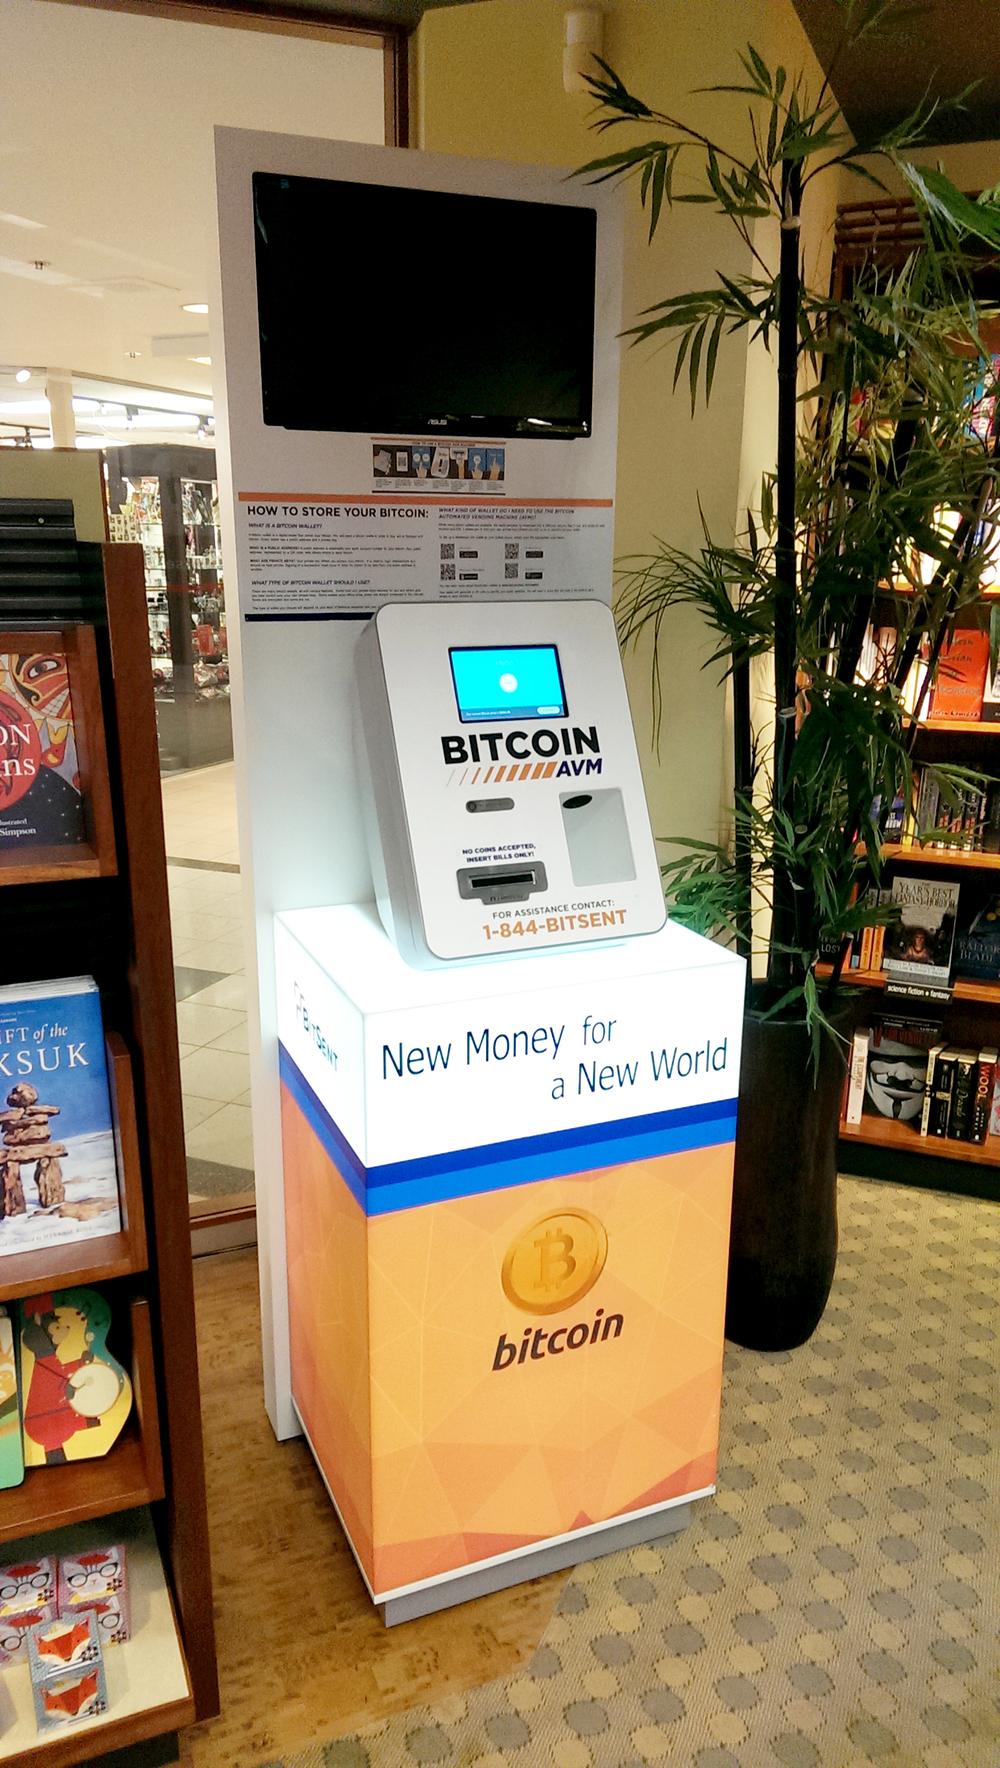 sfu_bitcoin (1).jpg